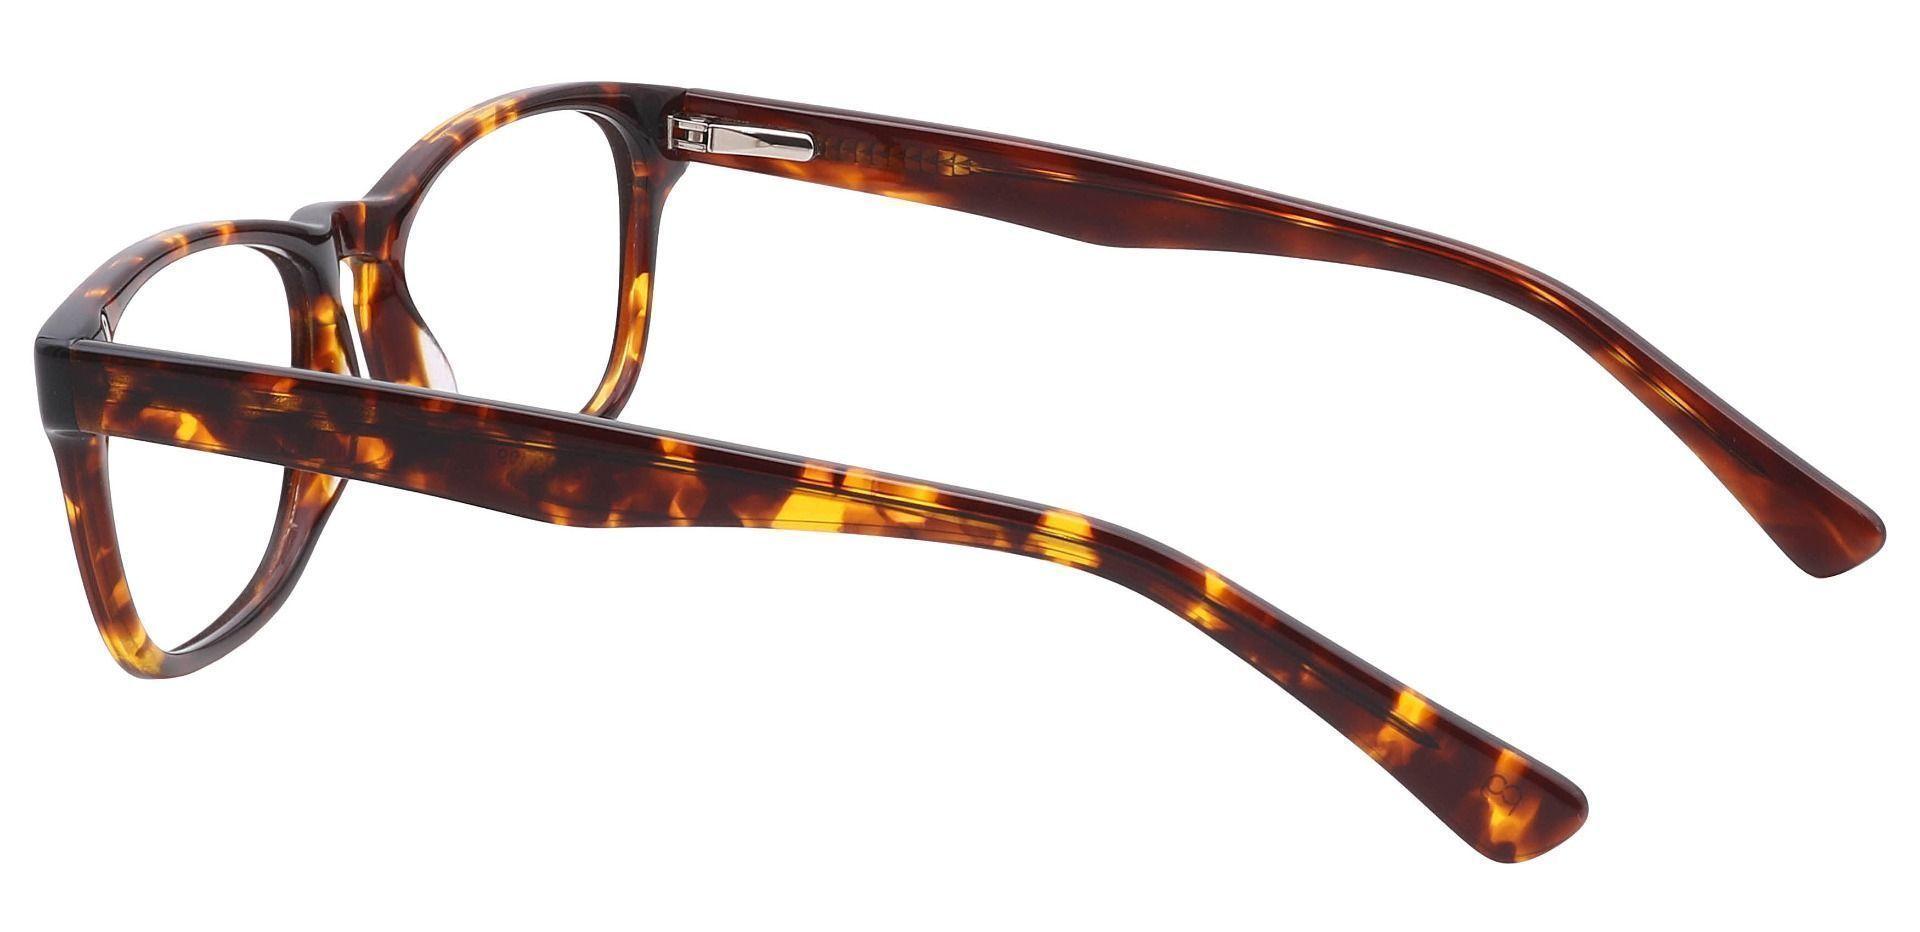 Morris Rectangle Eyeglasses Frame - Tortoise